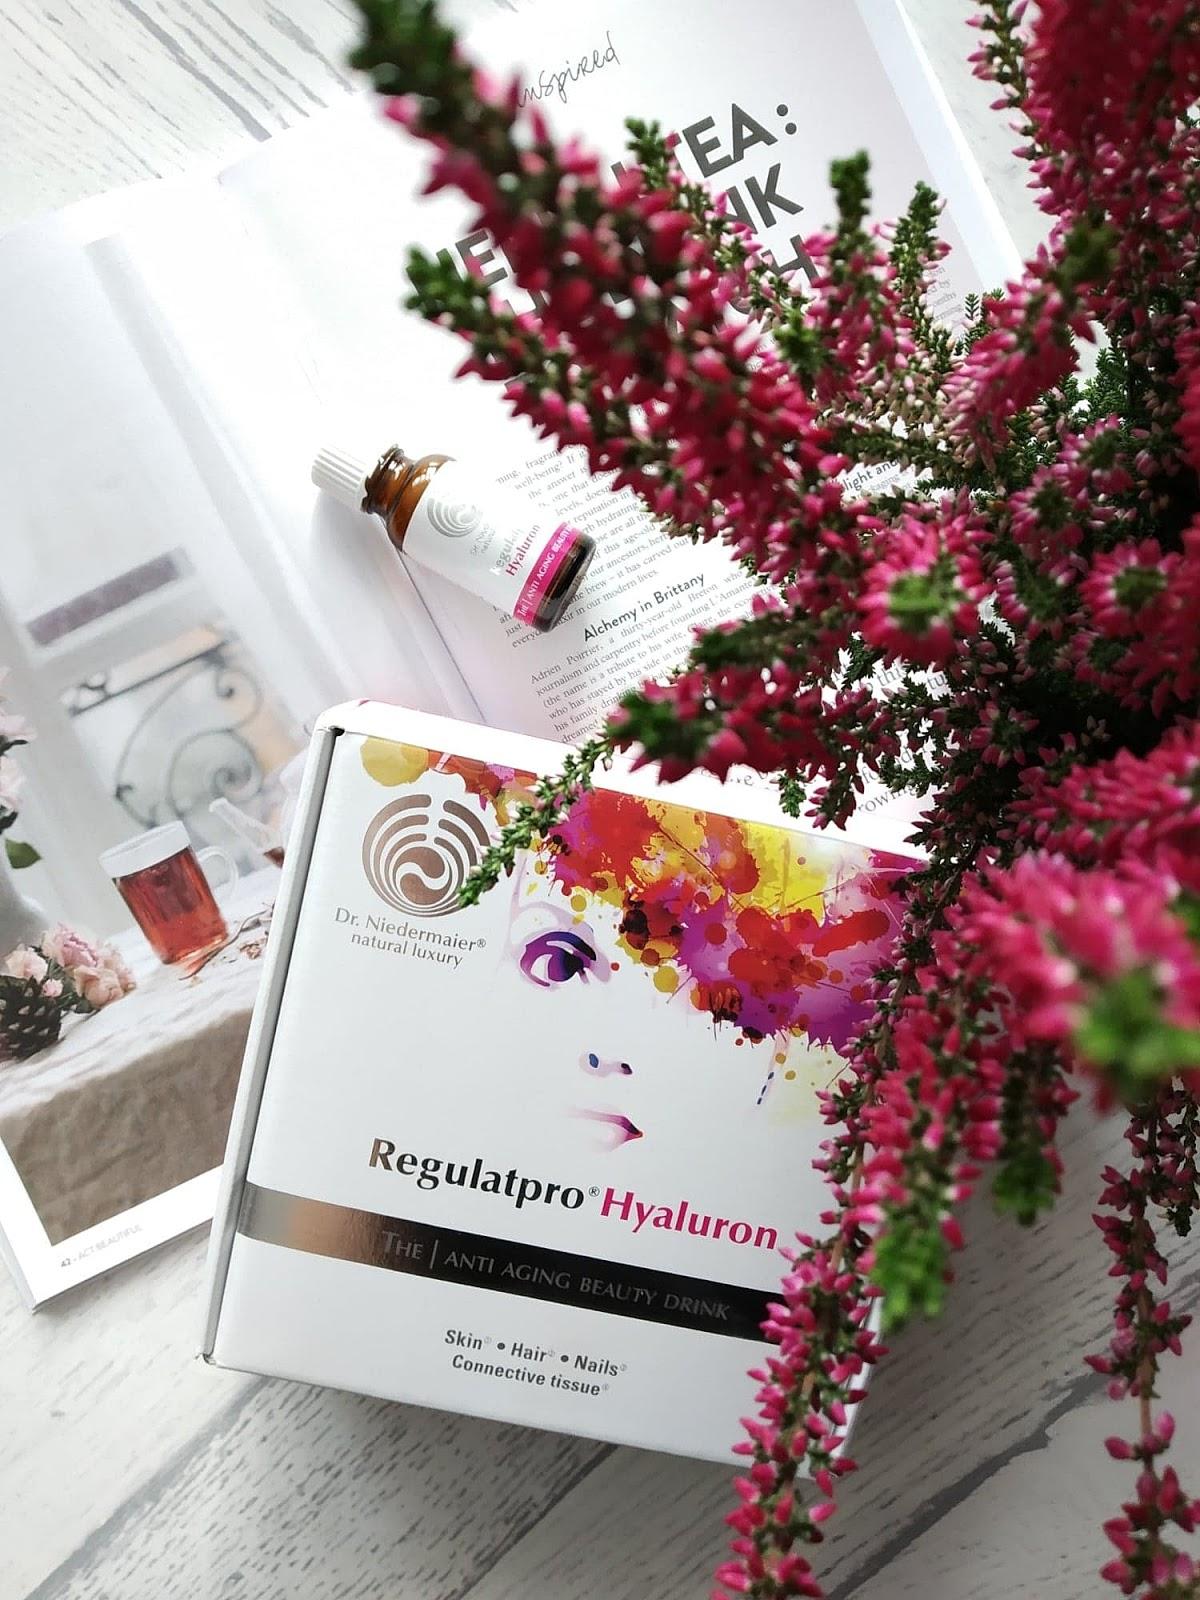 Regulatpro Hyaluron- piękno w butelce